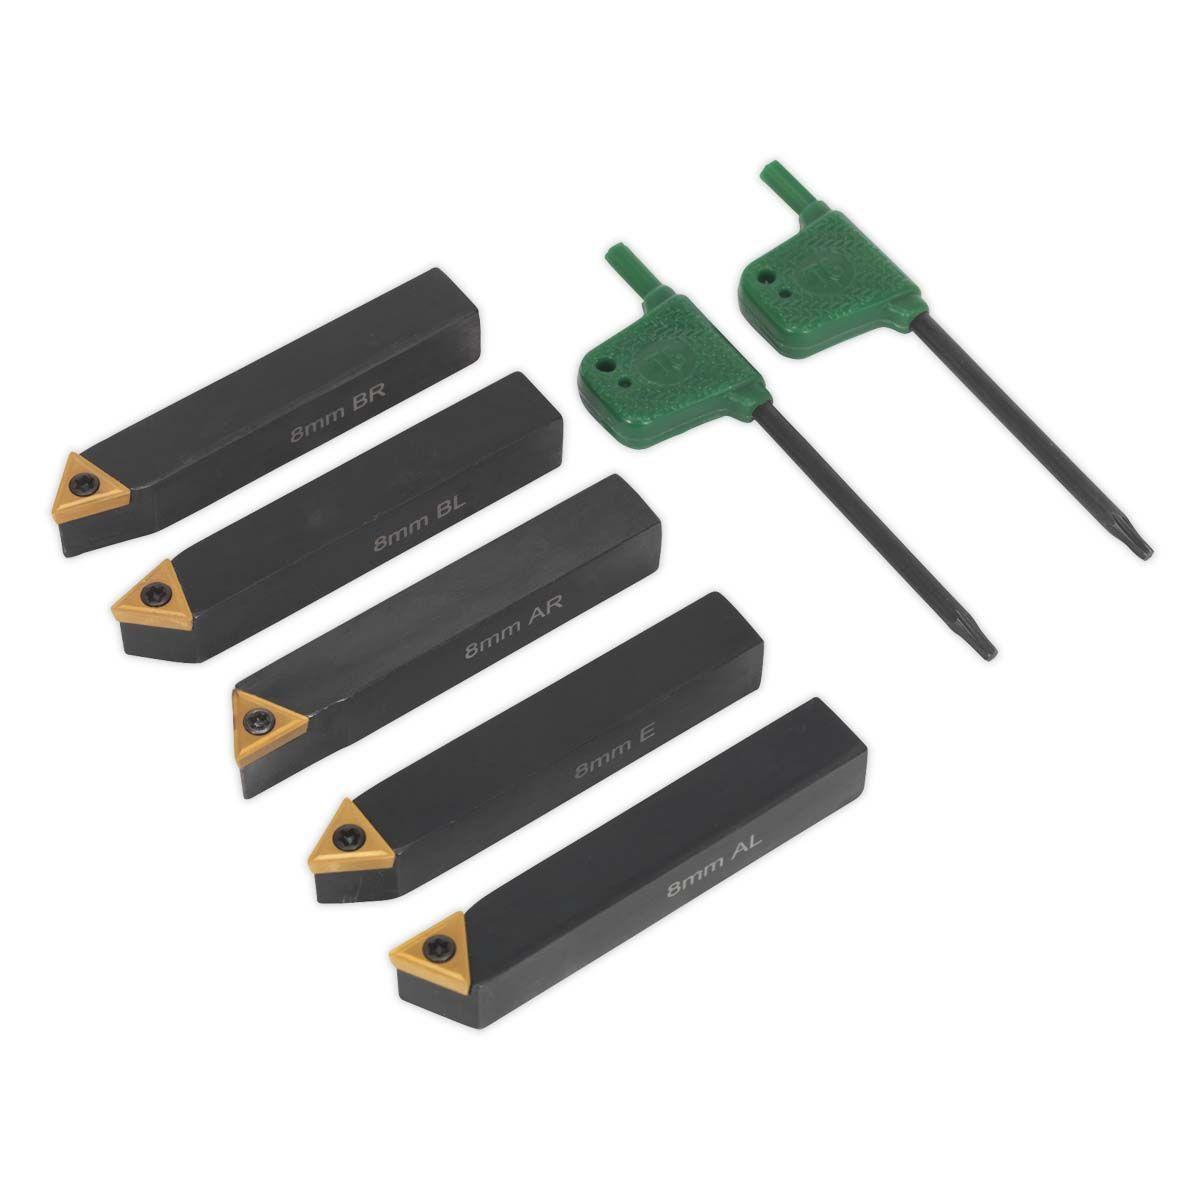 Sealey Indexable 8mm Lathe Turning Tool Set 5pc